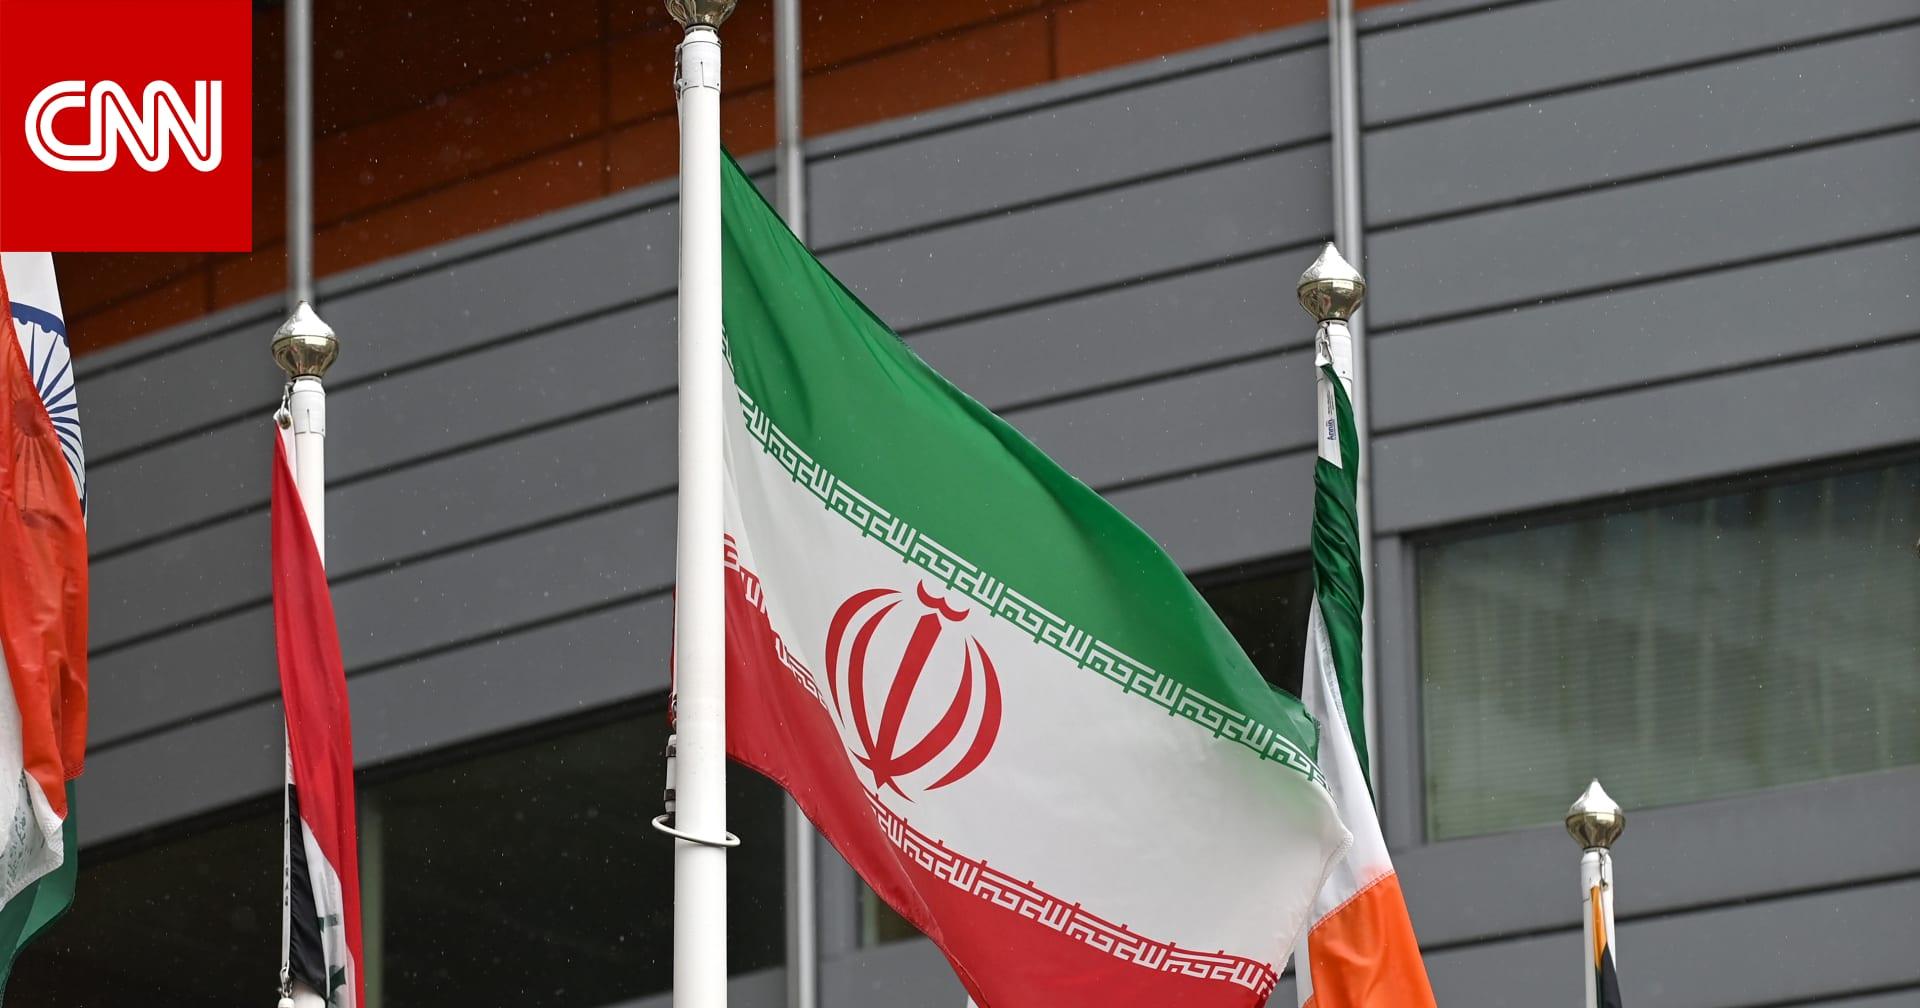 """بعد تقرير """"الطاقة الذرية"""".. فرنسا وألمانيا وبريطانيا: """"تصعيد إيران لانتهاكاتها النووية"""" مثير للقلق"""